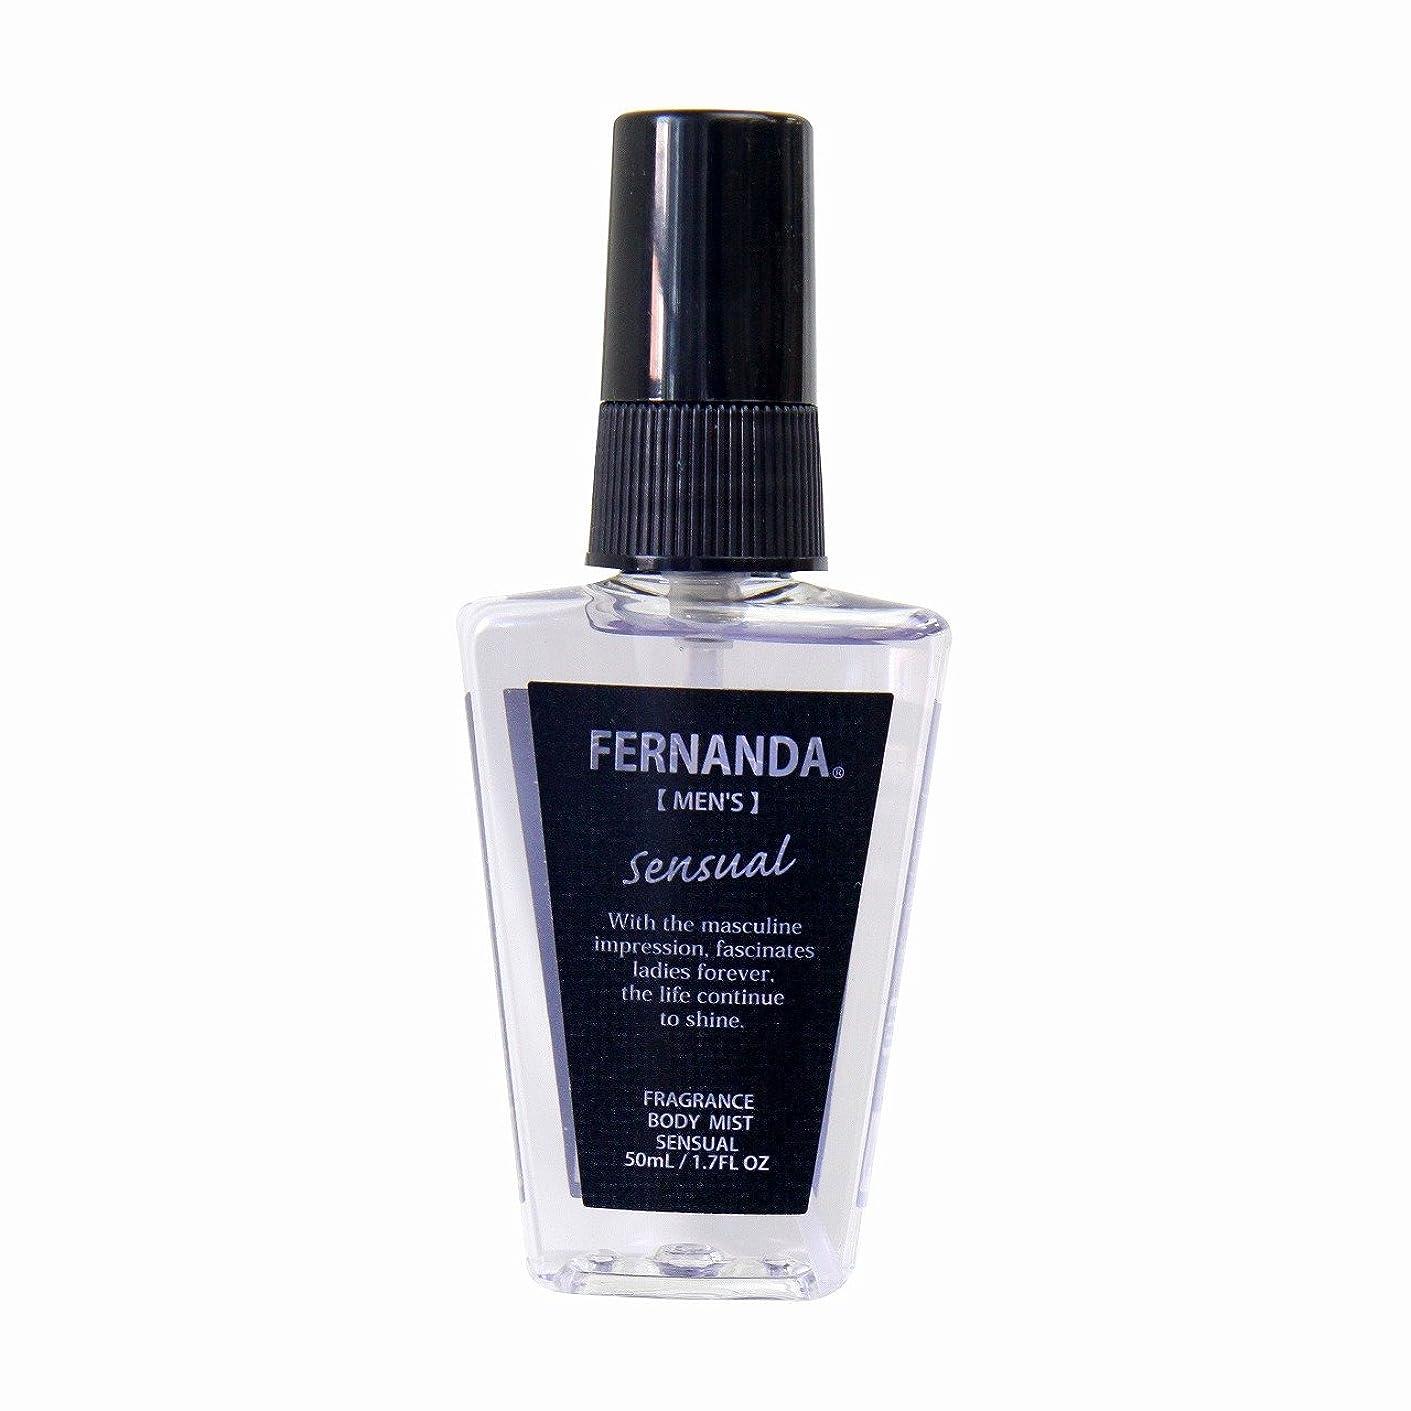 排出反対した誘導FERNANDA(フェルナンダ) Body Mist For MEN Sensual (ボディミスト フォーメン センスアル)